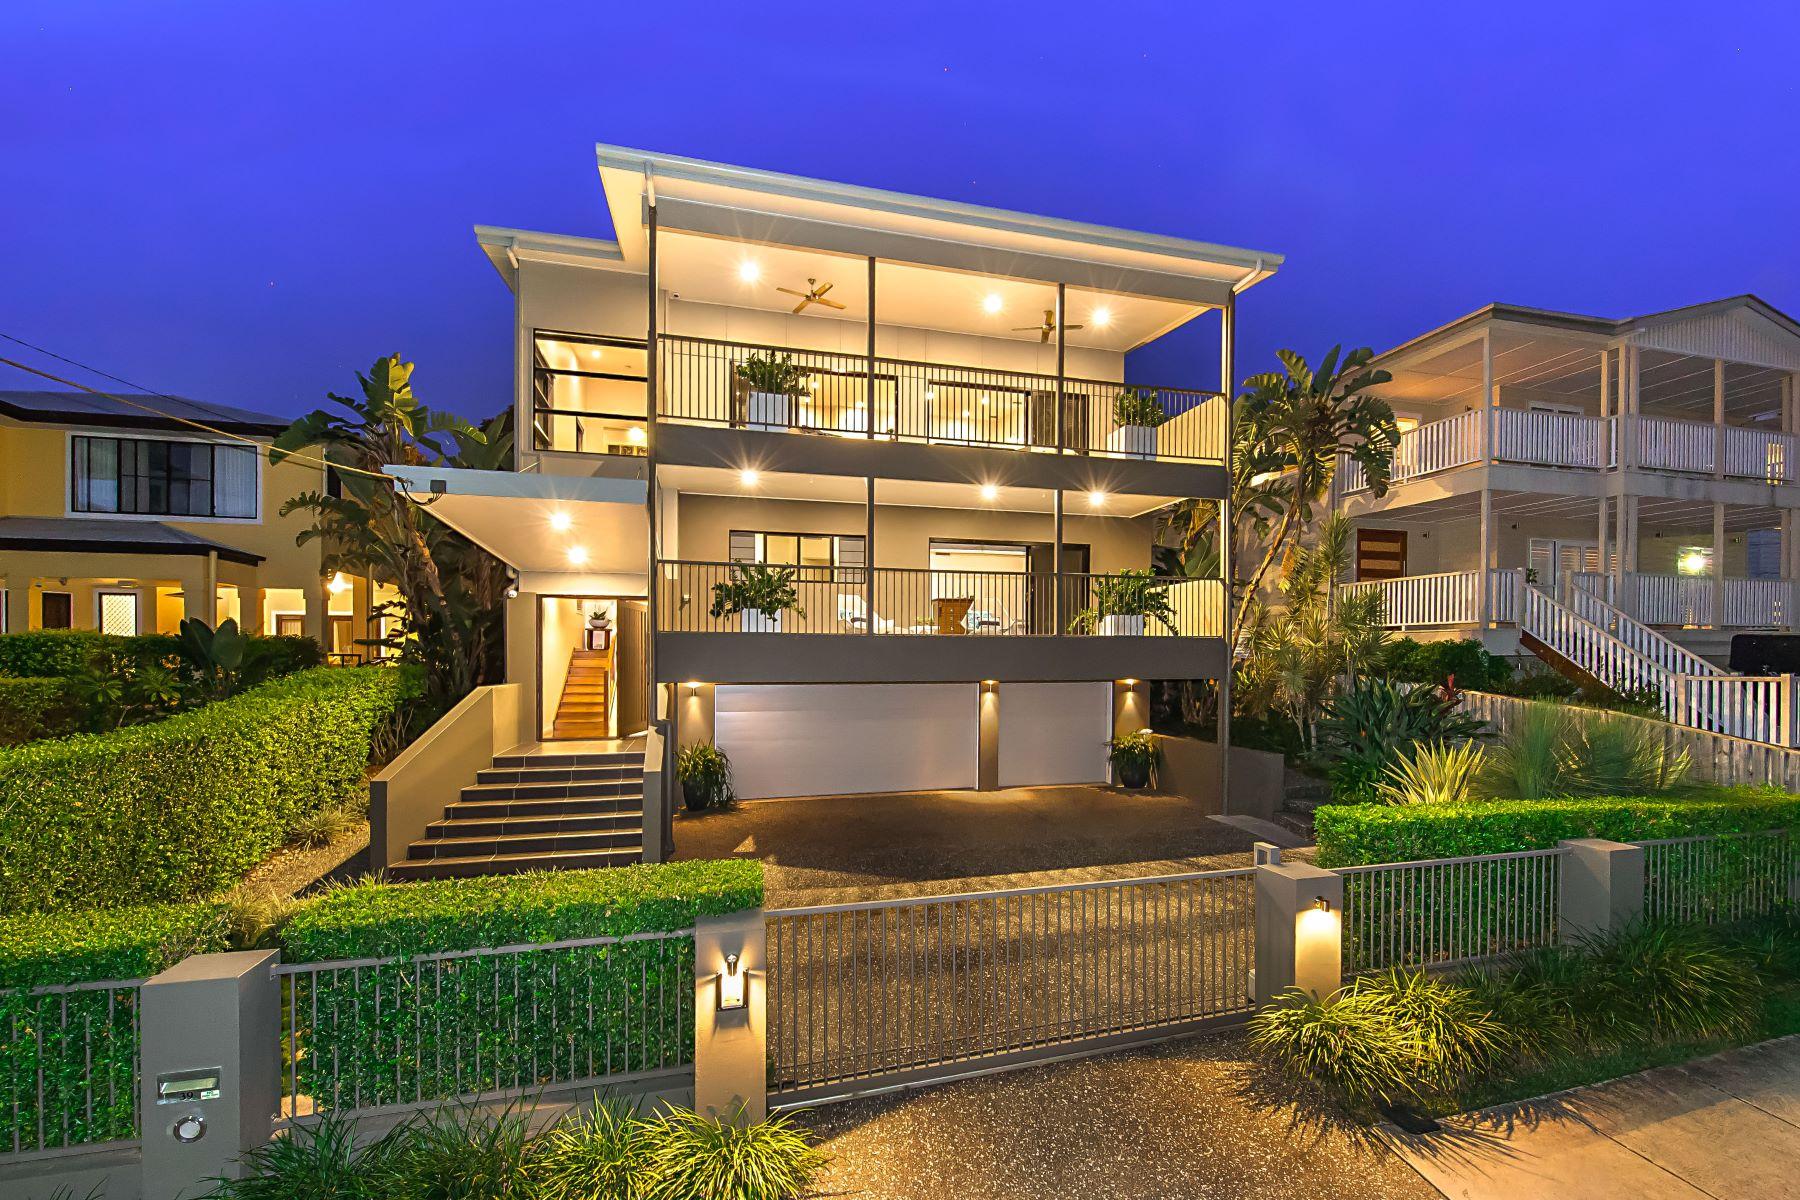 Terreno por un Venta en 39 Sunny Avenue Brisbane, Queensland, 4012 Australia